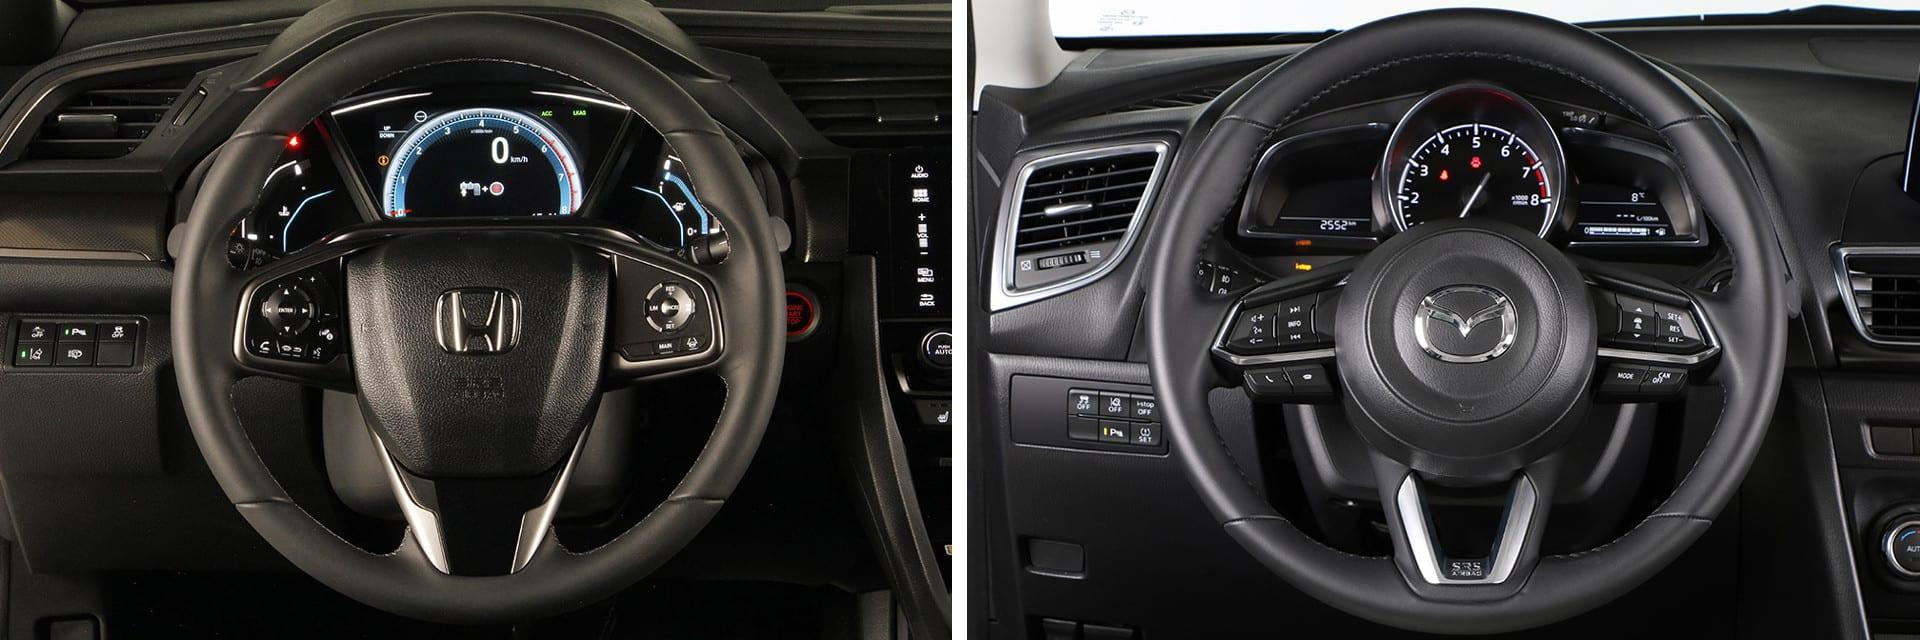 Ambos volantes cuentan con ajuste tanto vertical como horizontal. También vienen de serie con mandos multifunción.